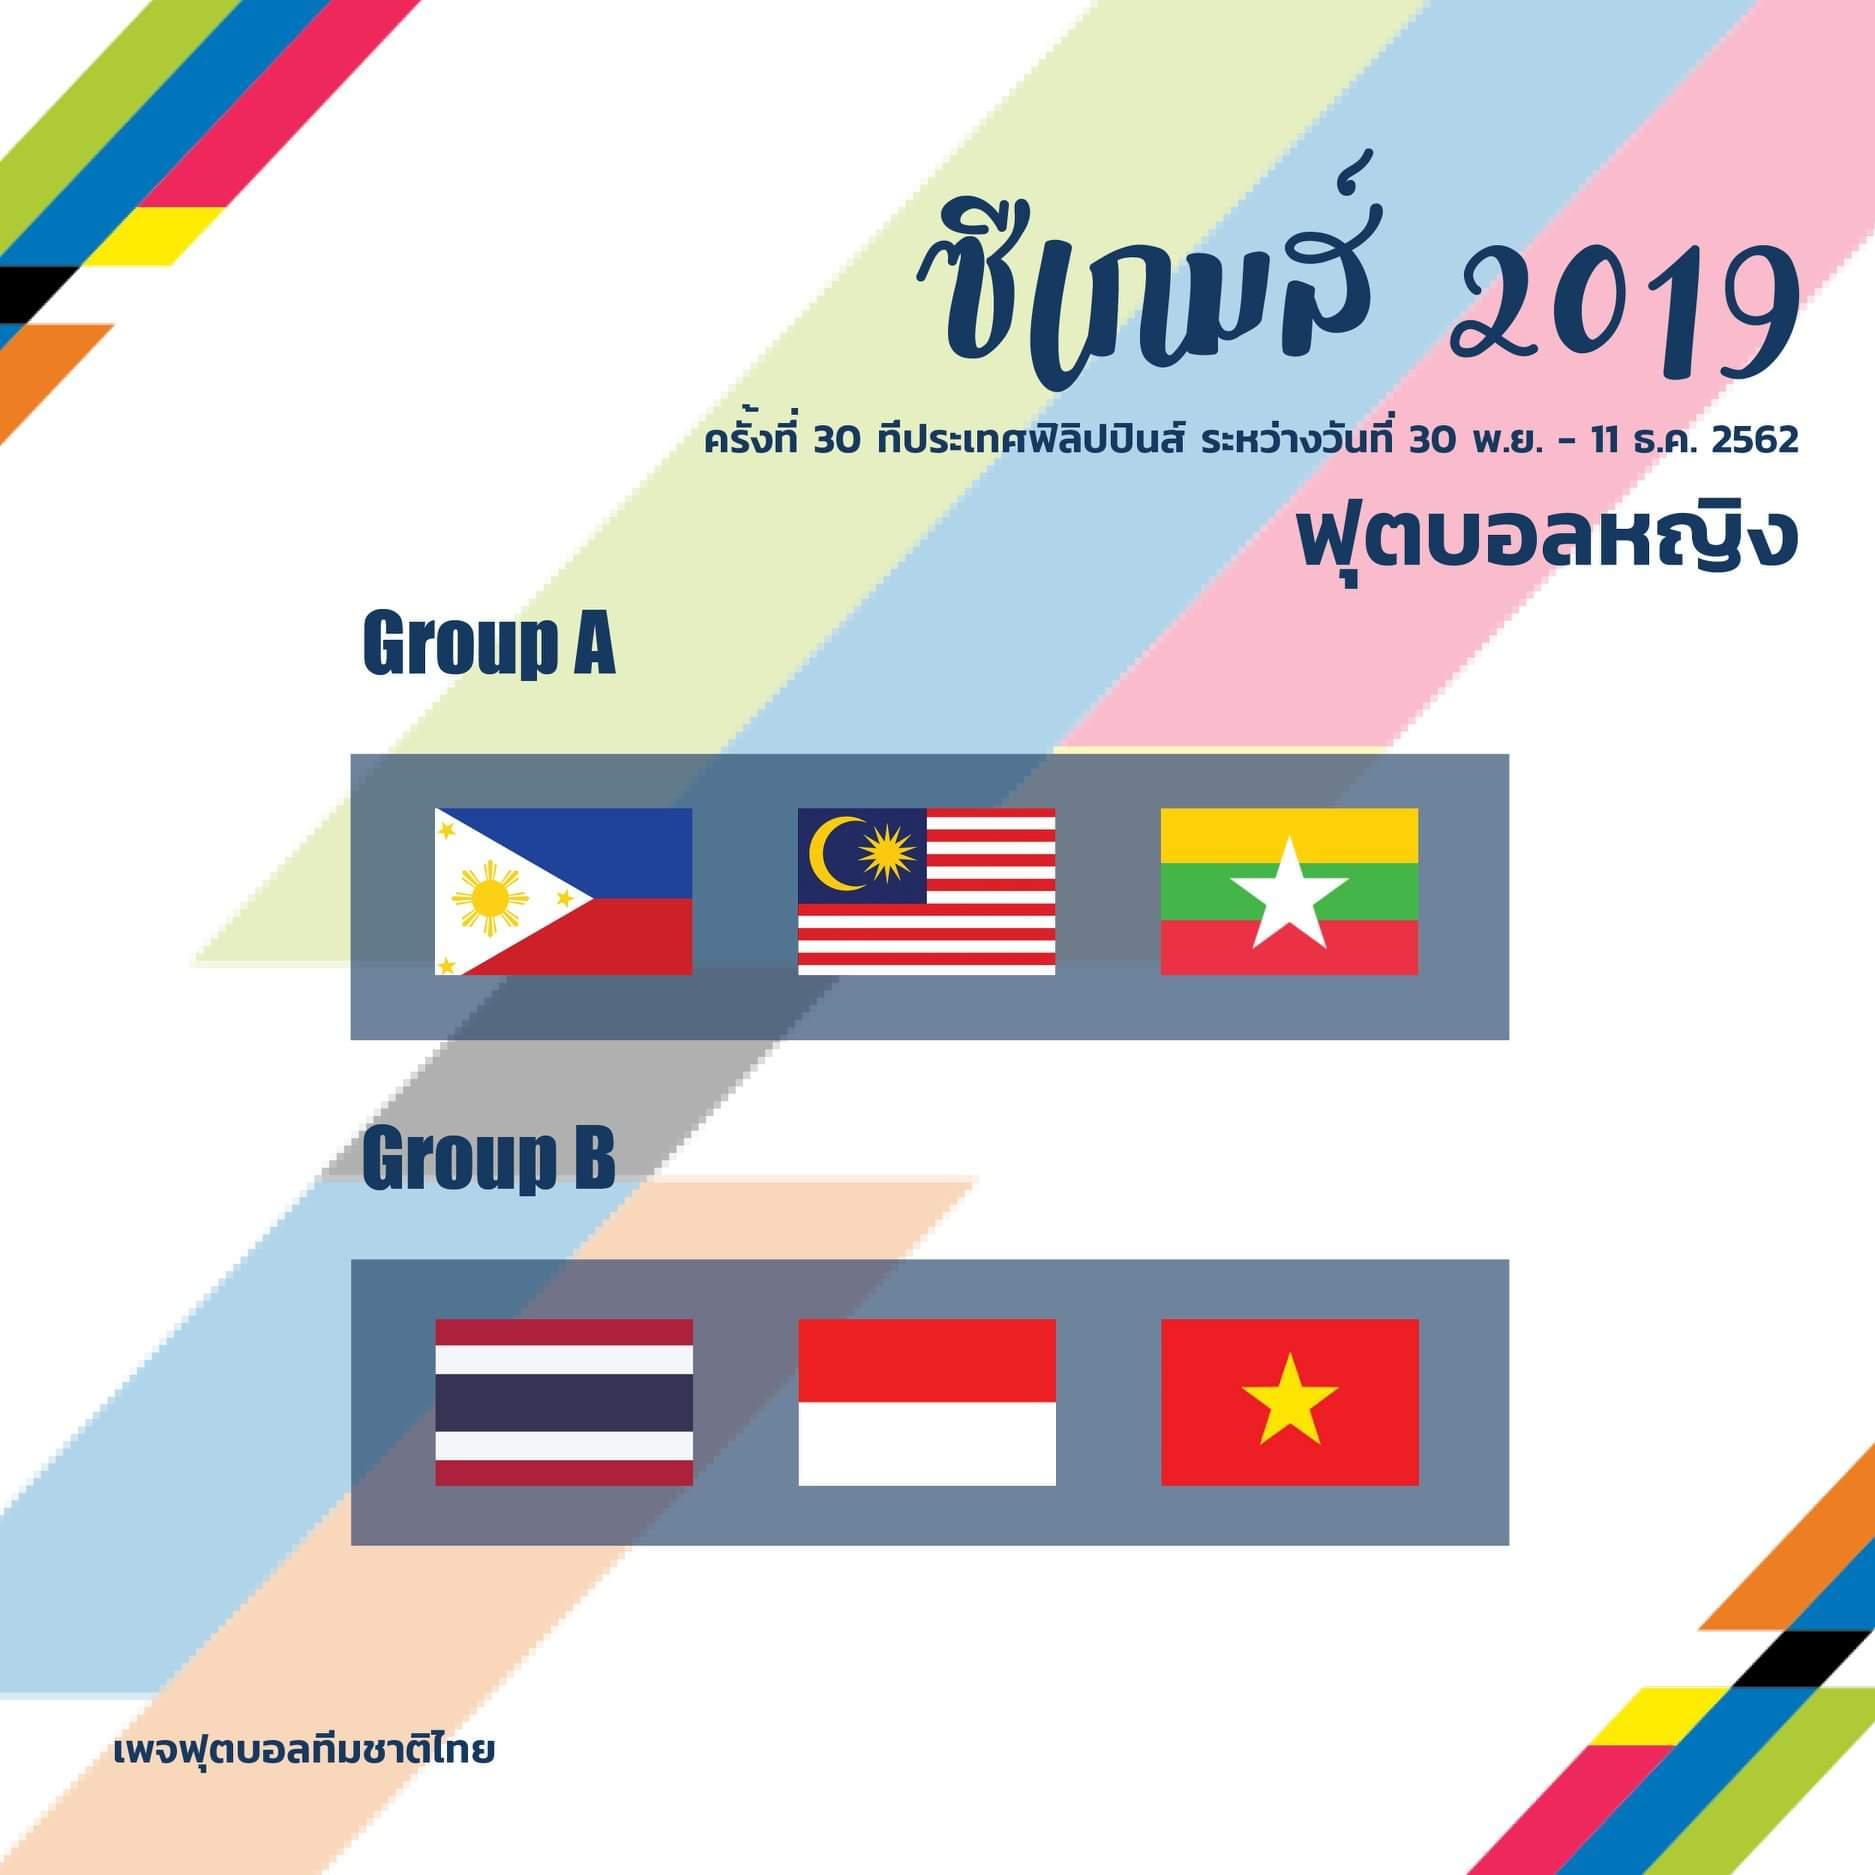 คู่รักคู่แค้น! ชบาแก้ว ร่วมสาย เวียดนาม บู๊ซีเกมส์ 2019